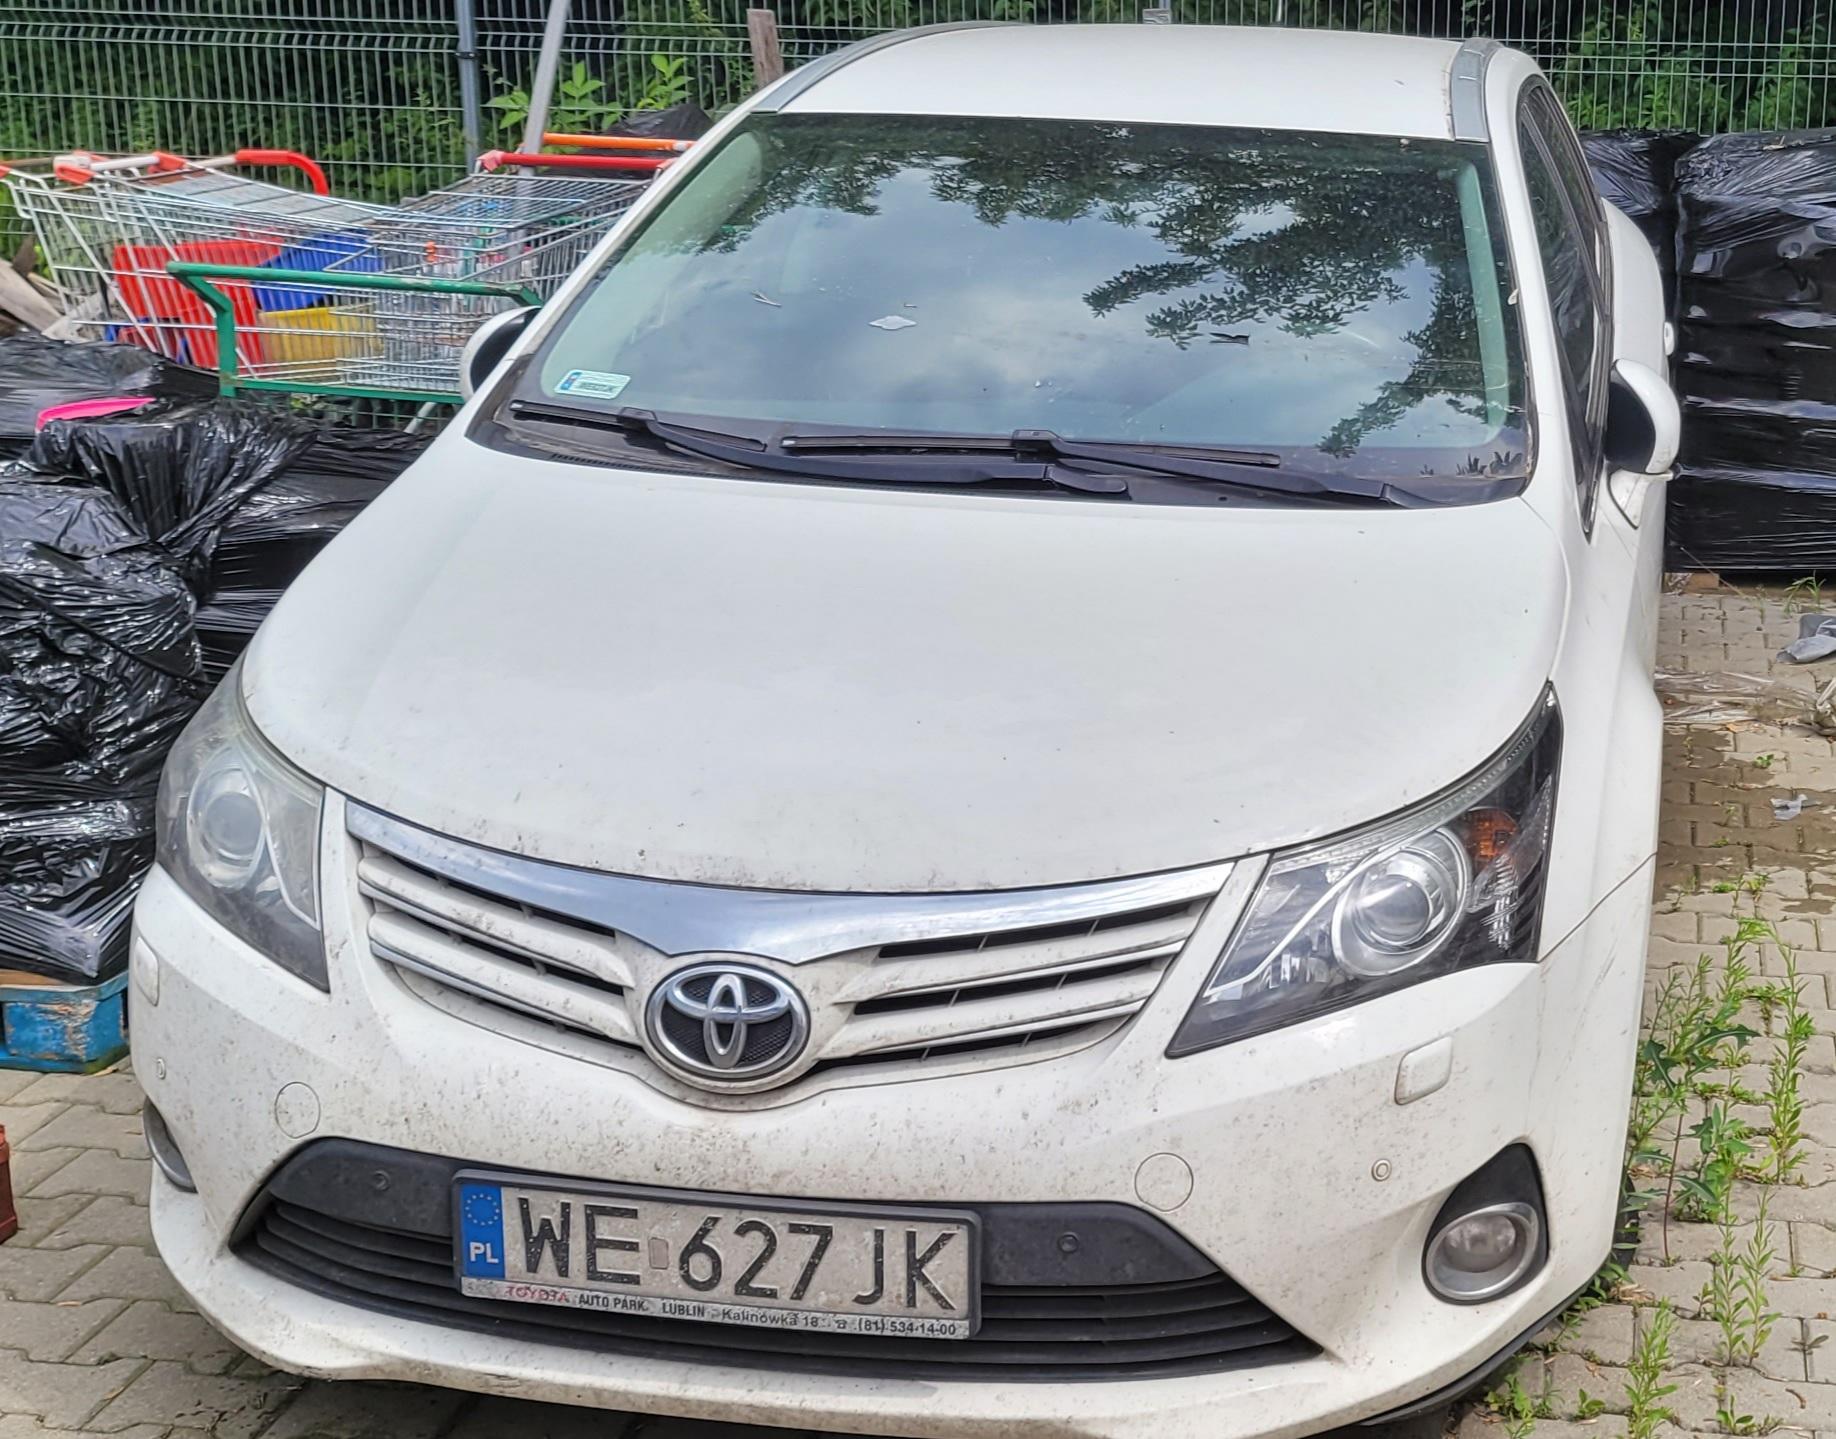 Freemoto - Syndyk sprzeda samochód osobowy Toyota Avensis Wagon 2.0